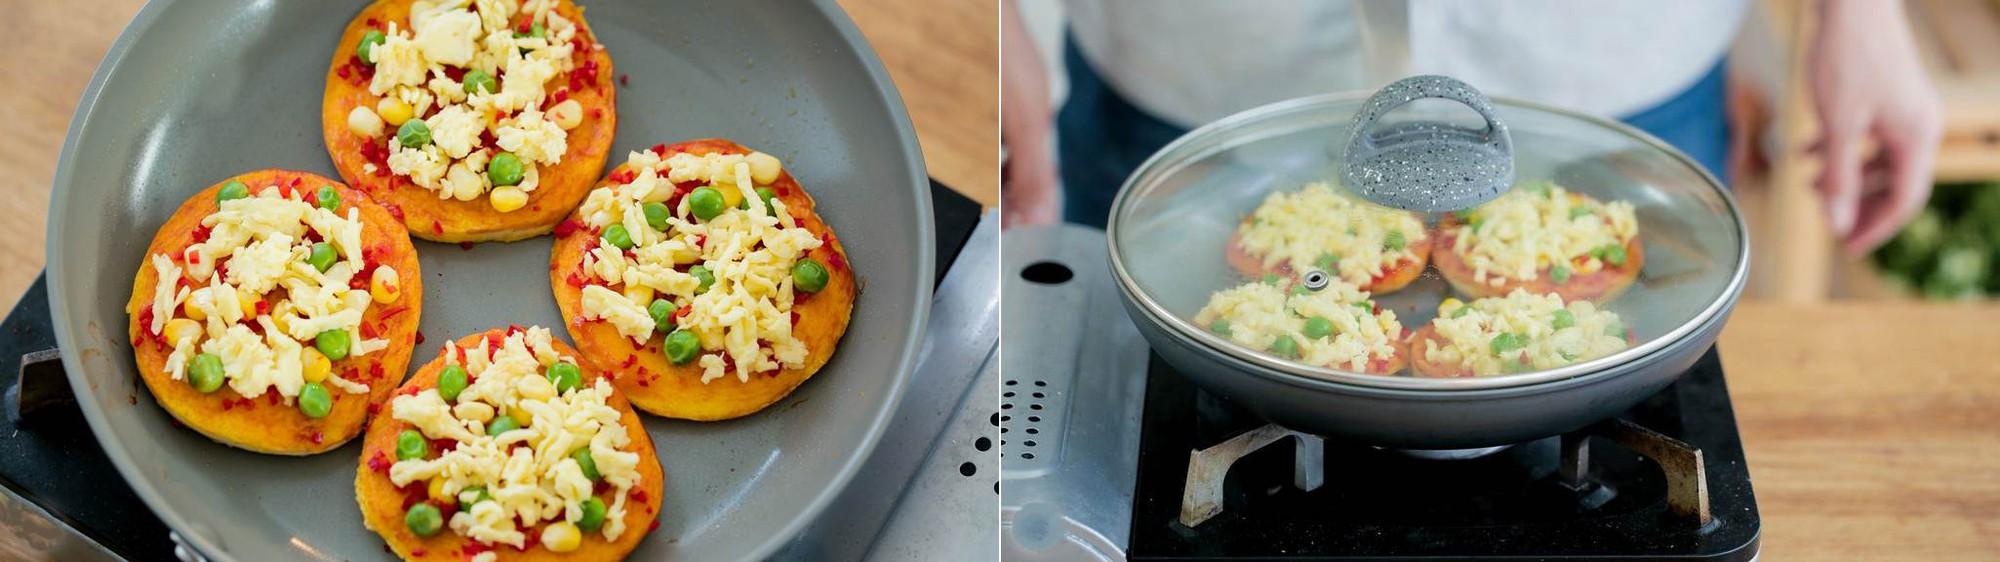 Pizza mini làm nhanh ăn ngon cho bữa sáng cuối tuần